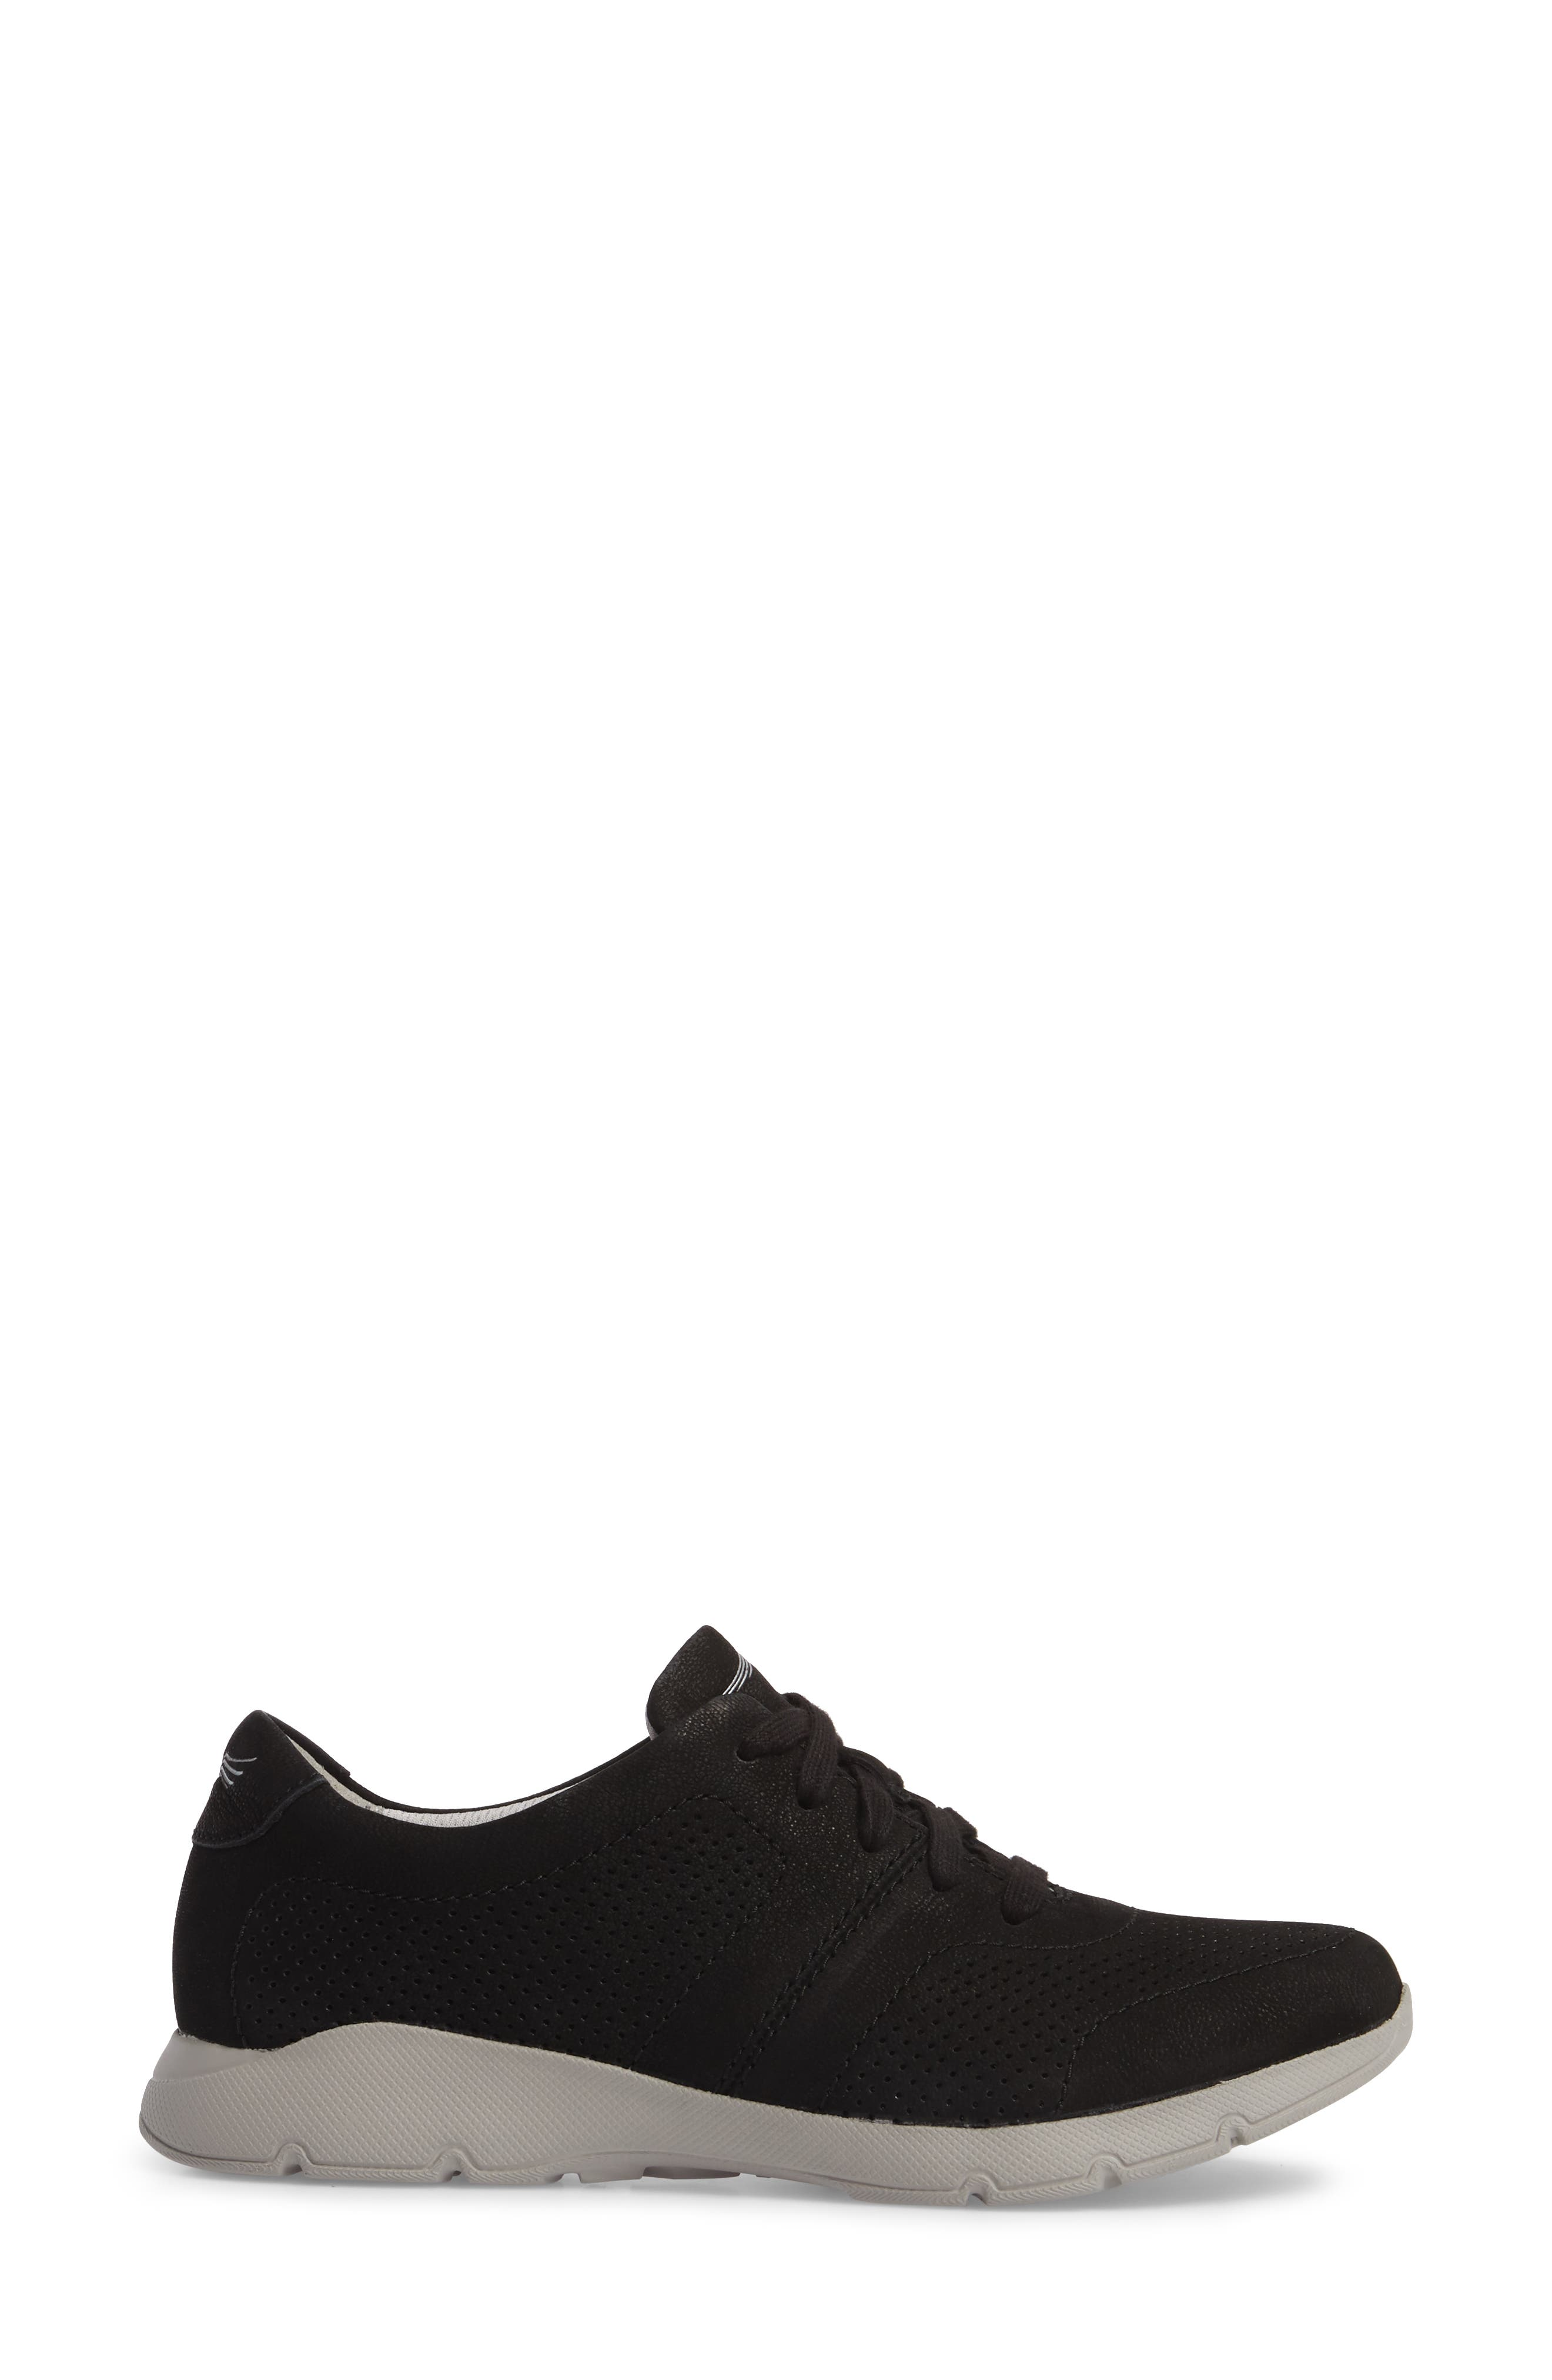 Alissa Sneaker,                             Alternate thumbnail 3, color,                             001